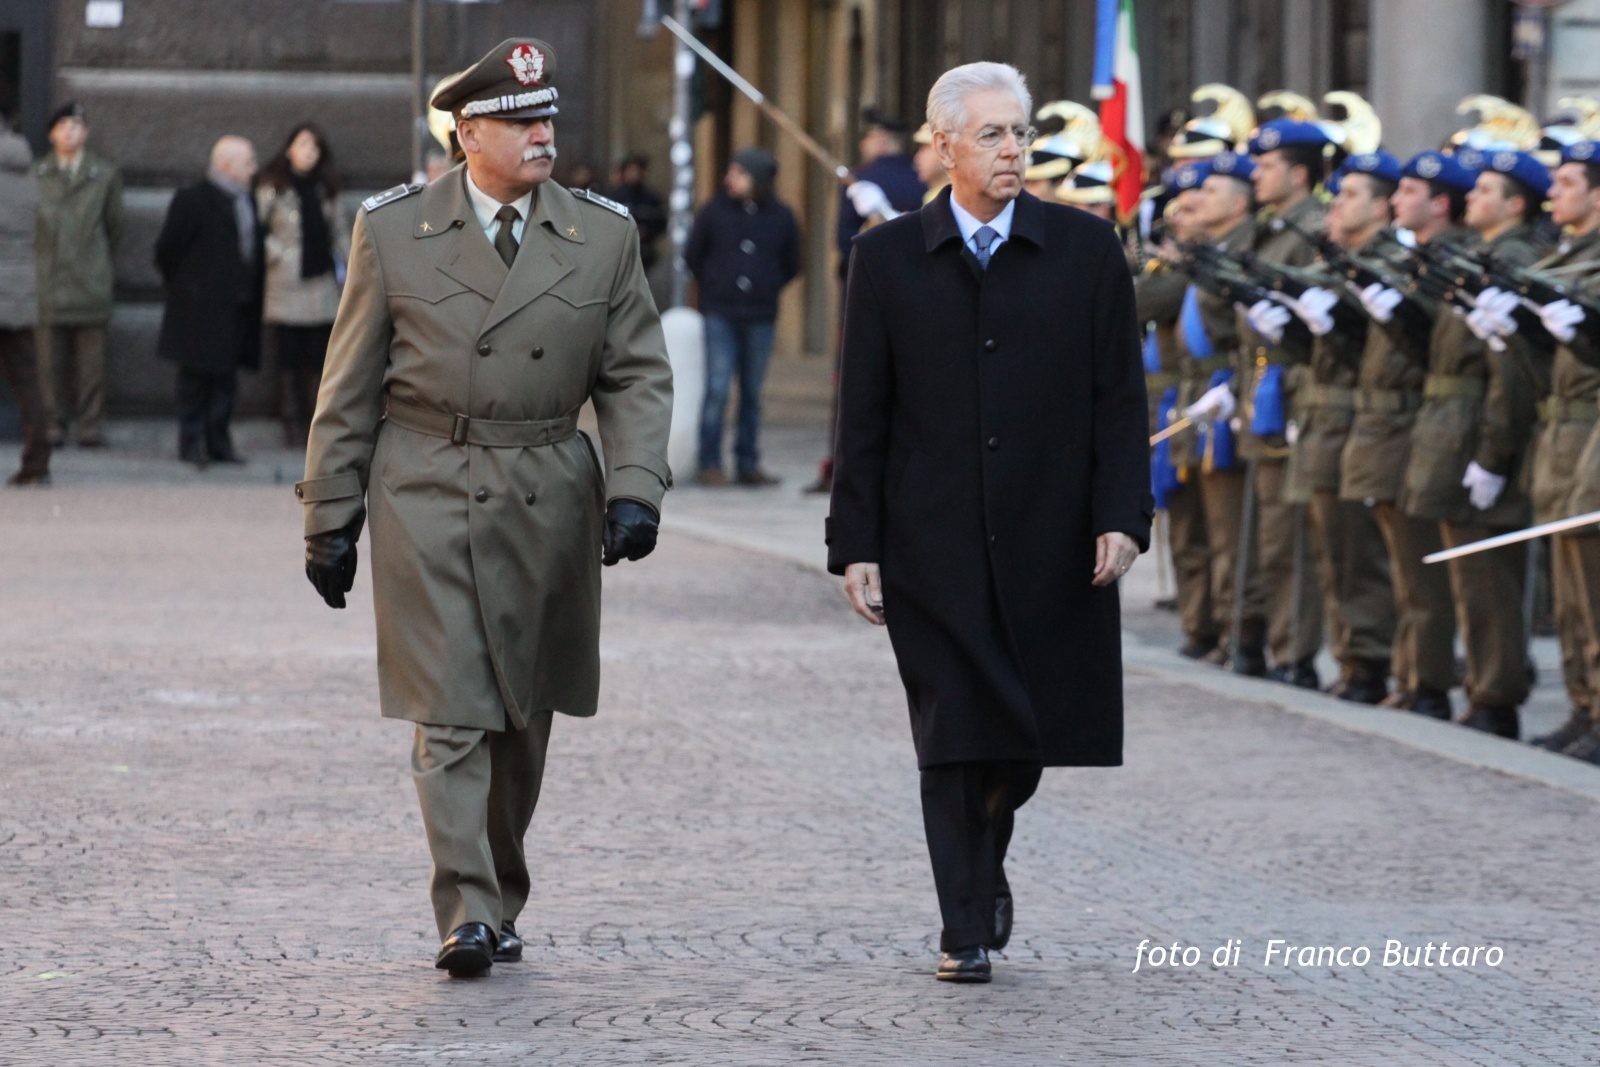 Presidente del Consiglio dei Ministri Mario Monti